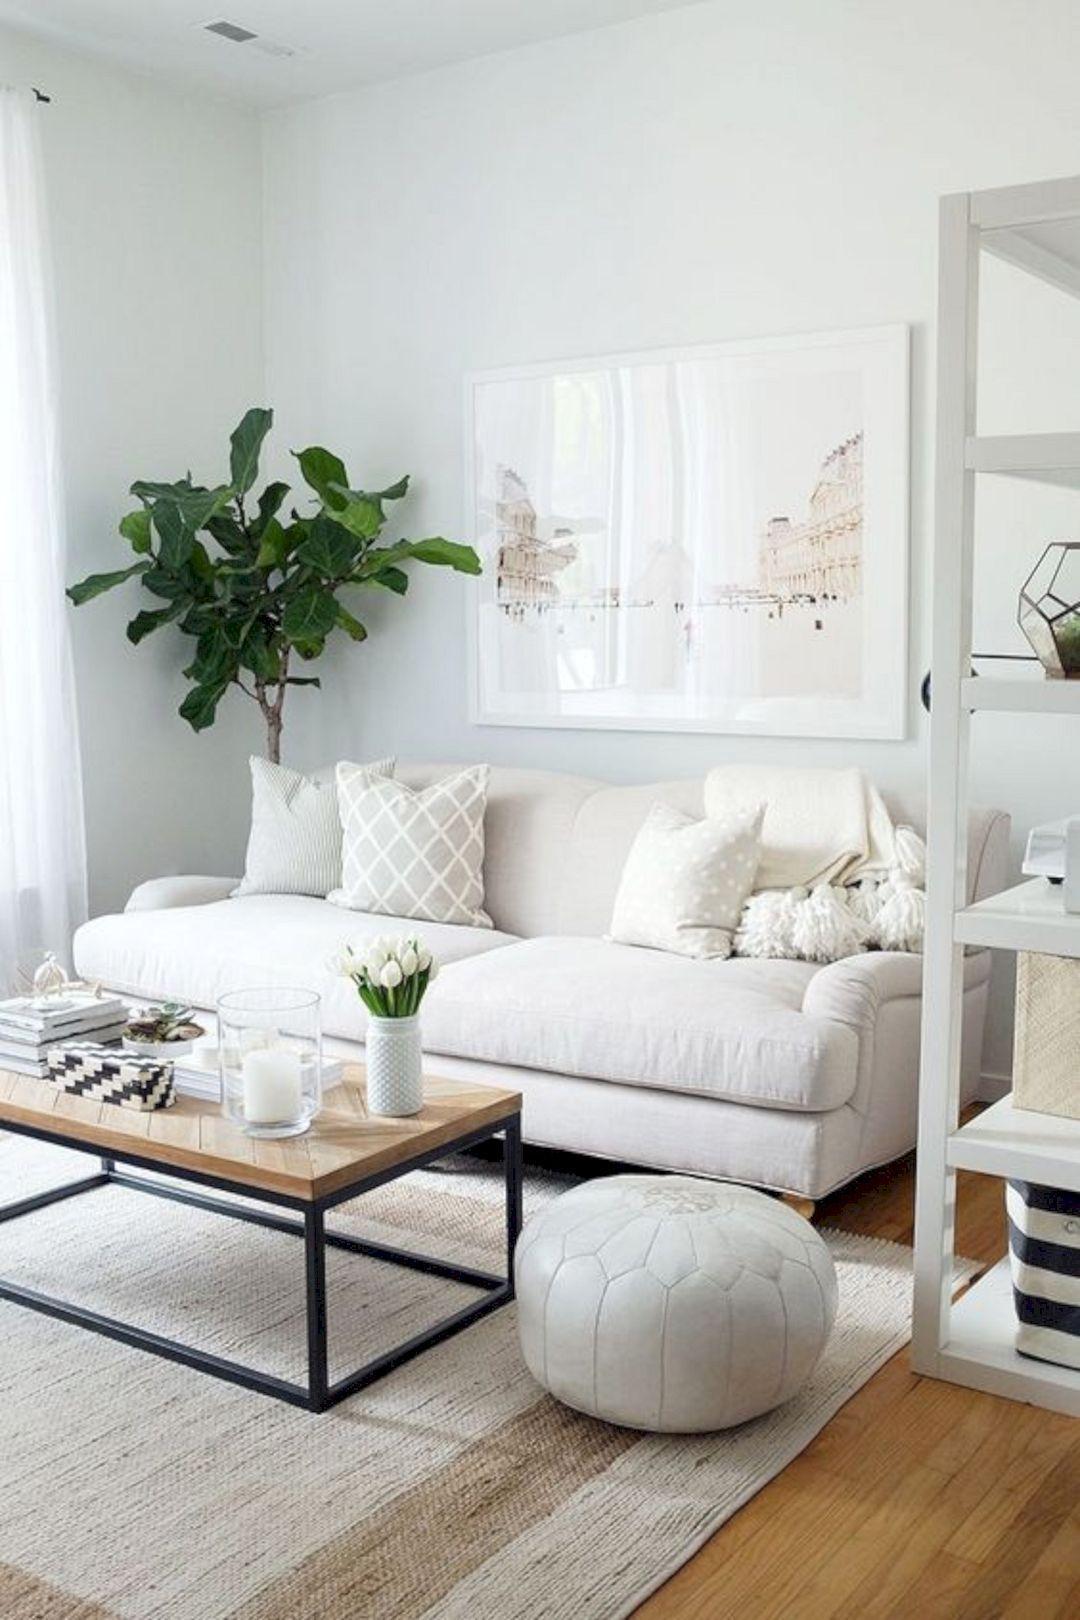 Simple Interior Design Ideas For Living Room 14 | Apartment ...